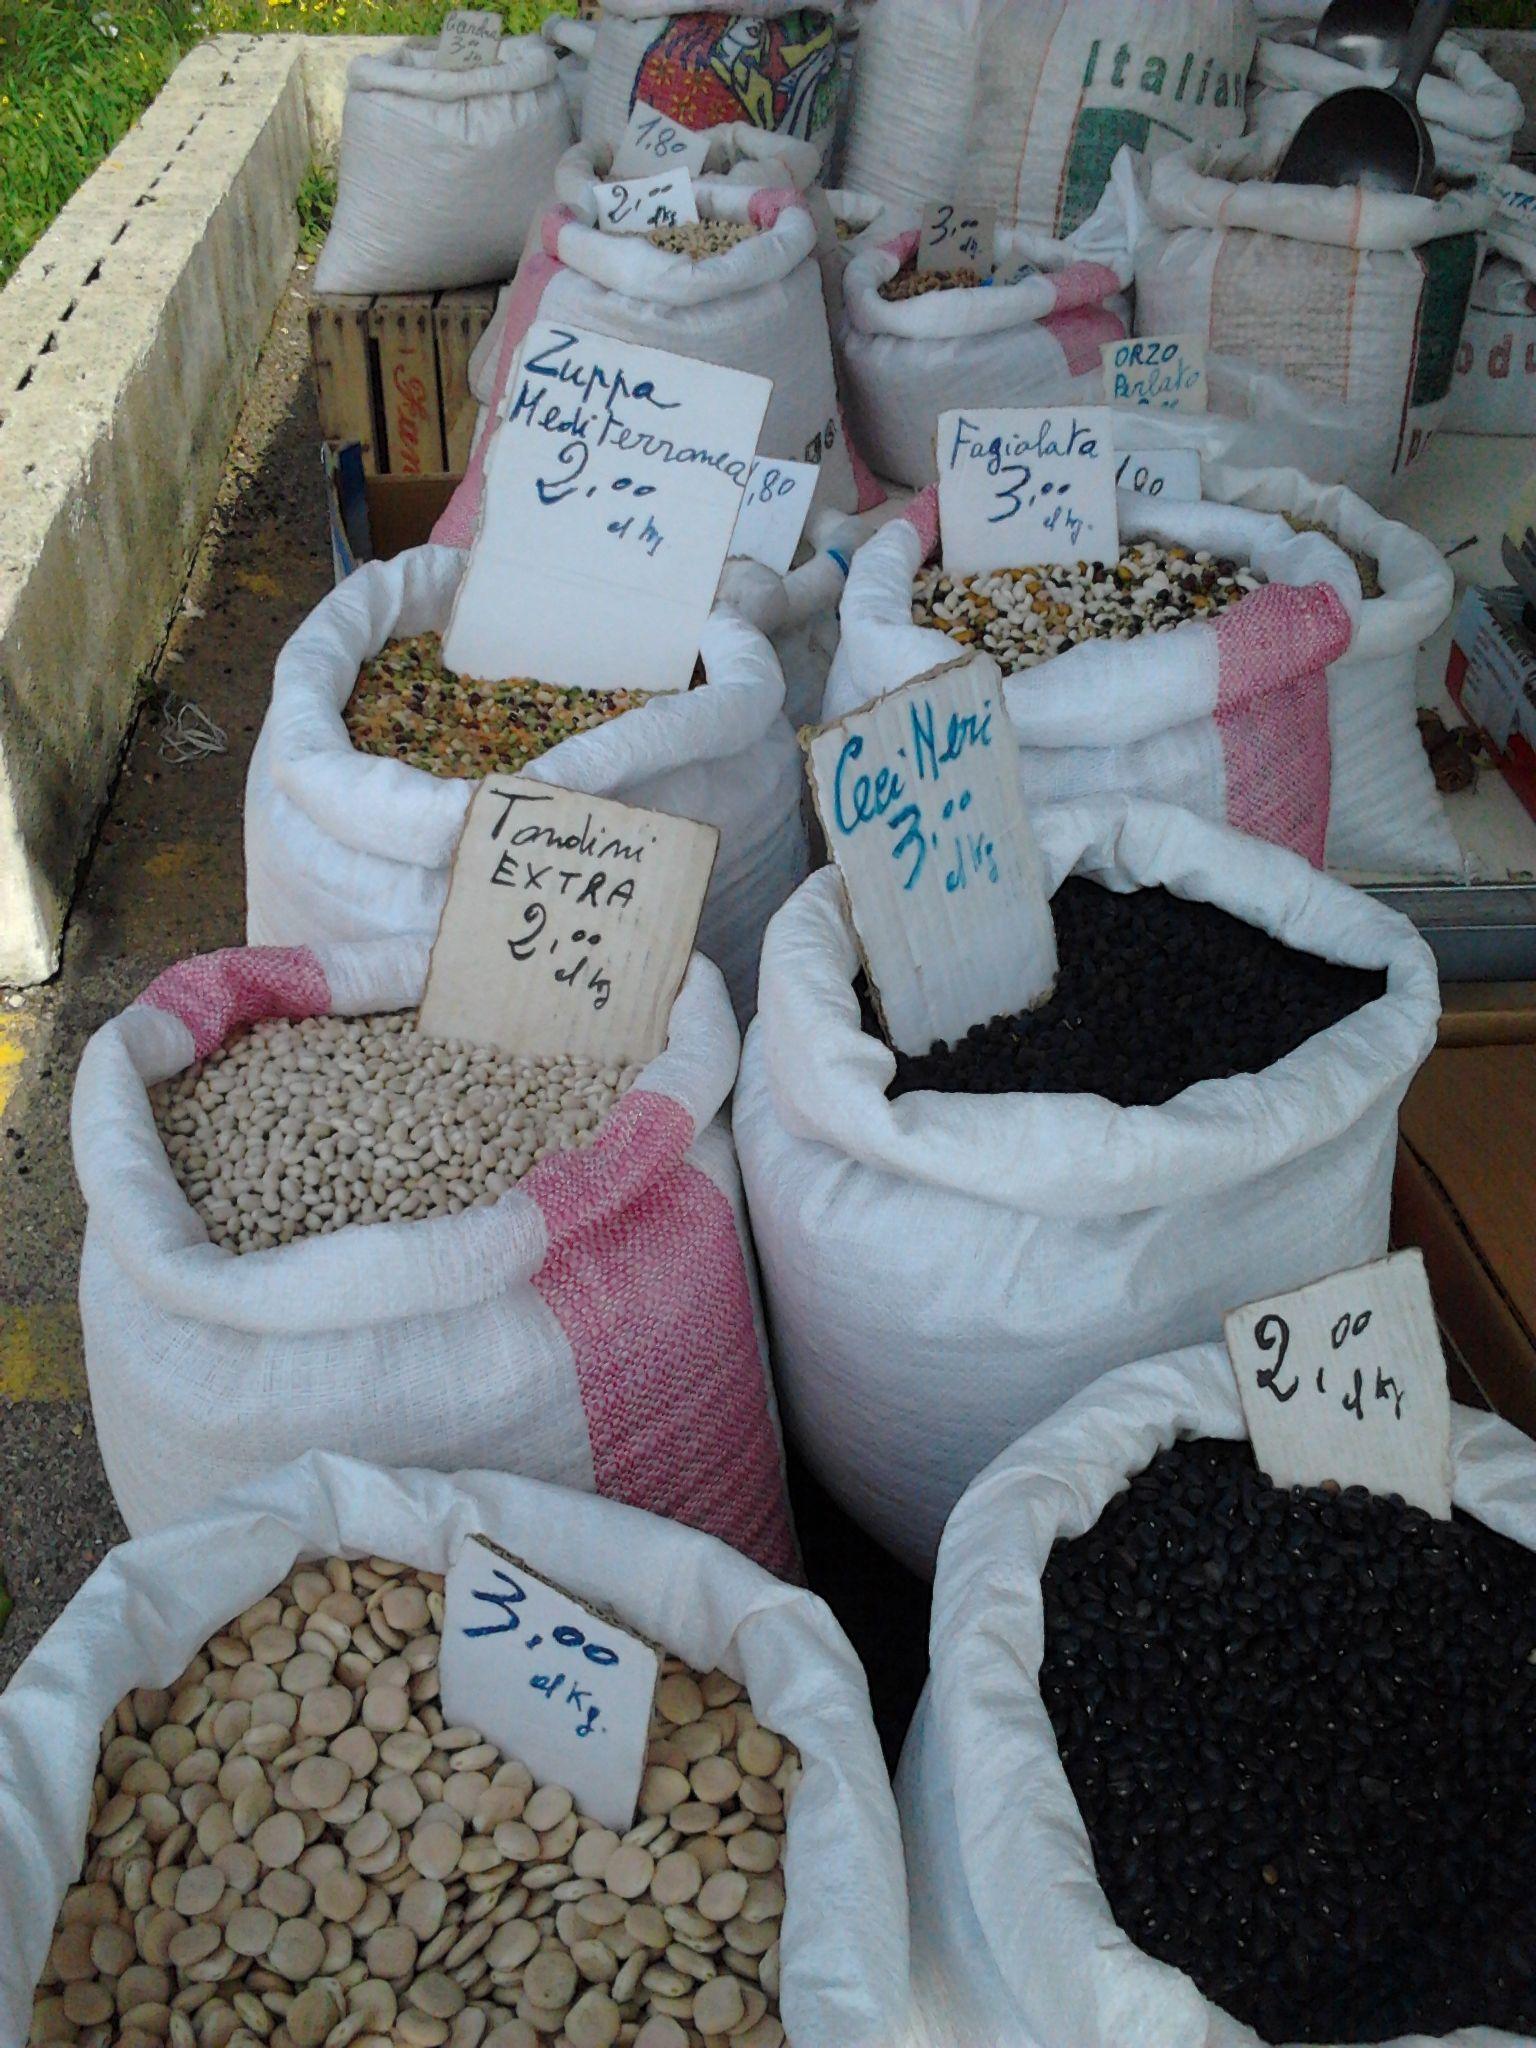 legumi al mercatino settimanale ad Otranto